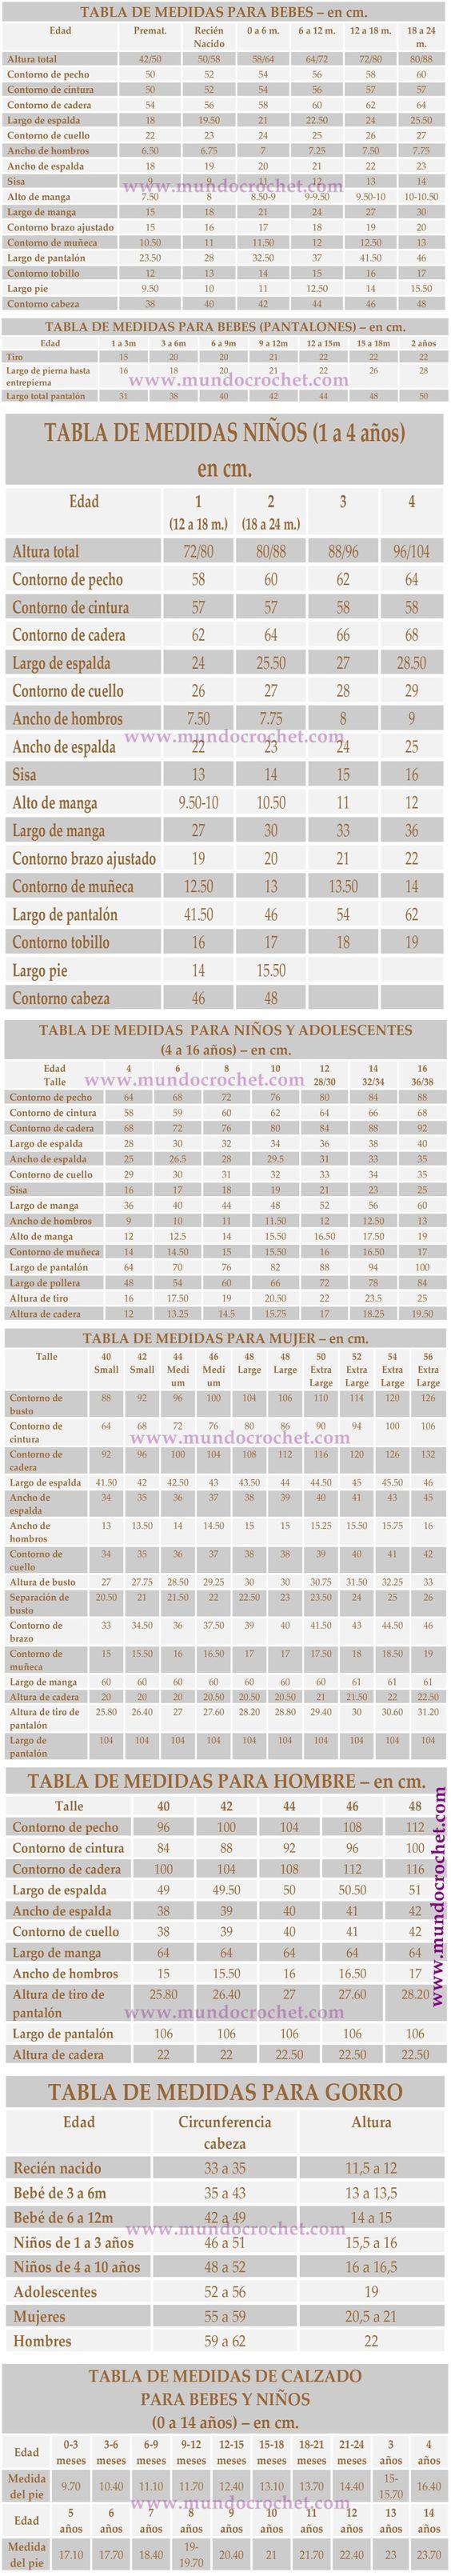 Tabla de medidas para bebes_ninos_gorros_zapatos_mujer_hombre para crochet o ganchillo y tejidos: